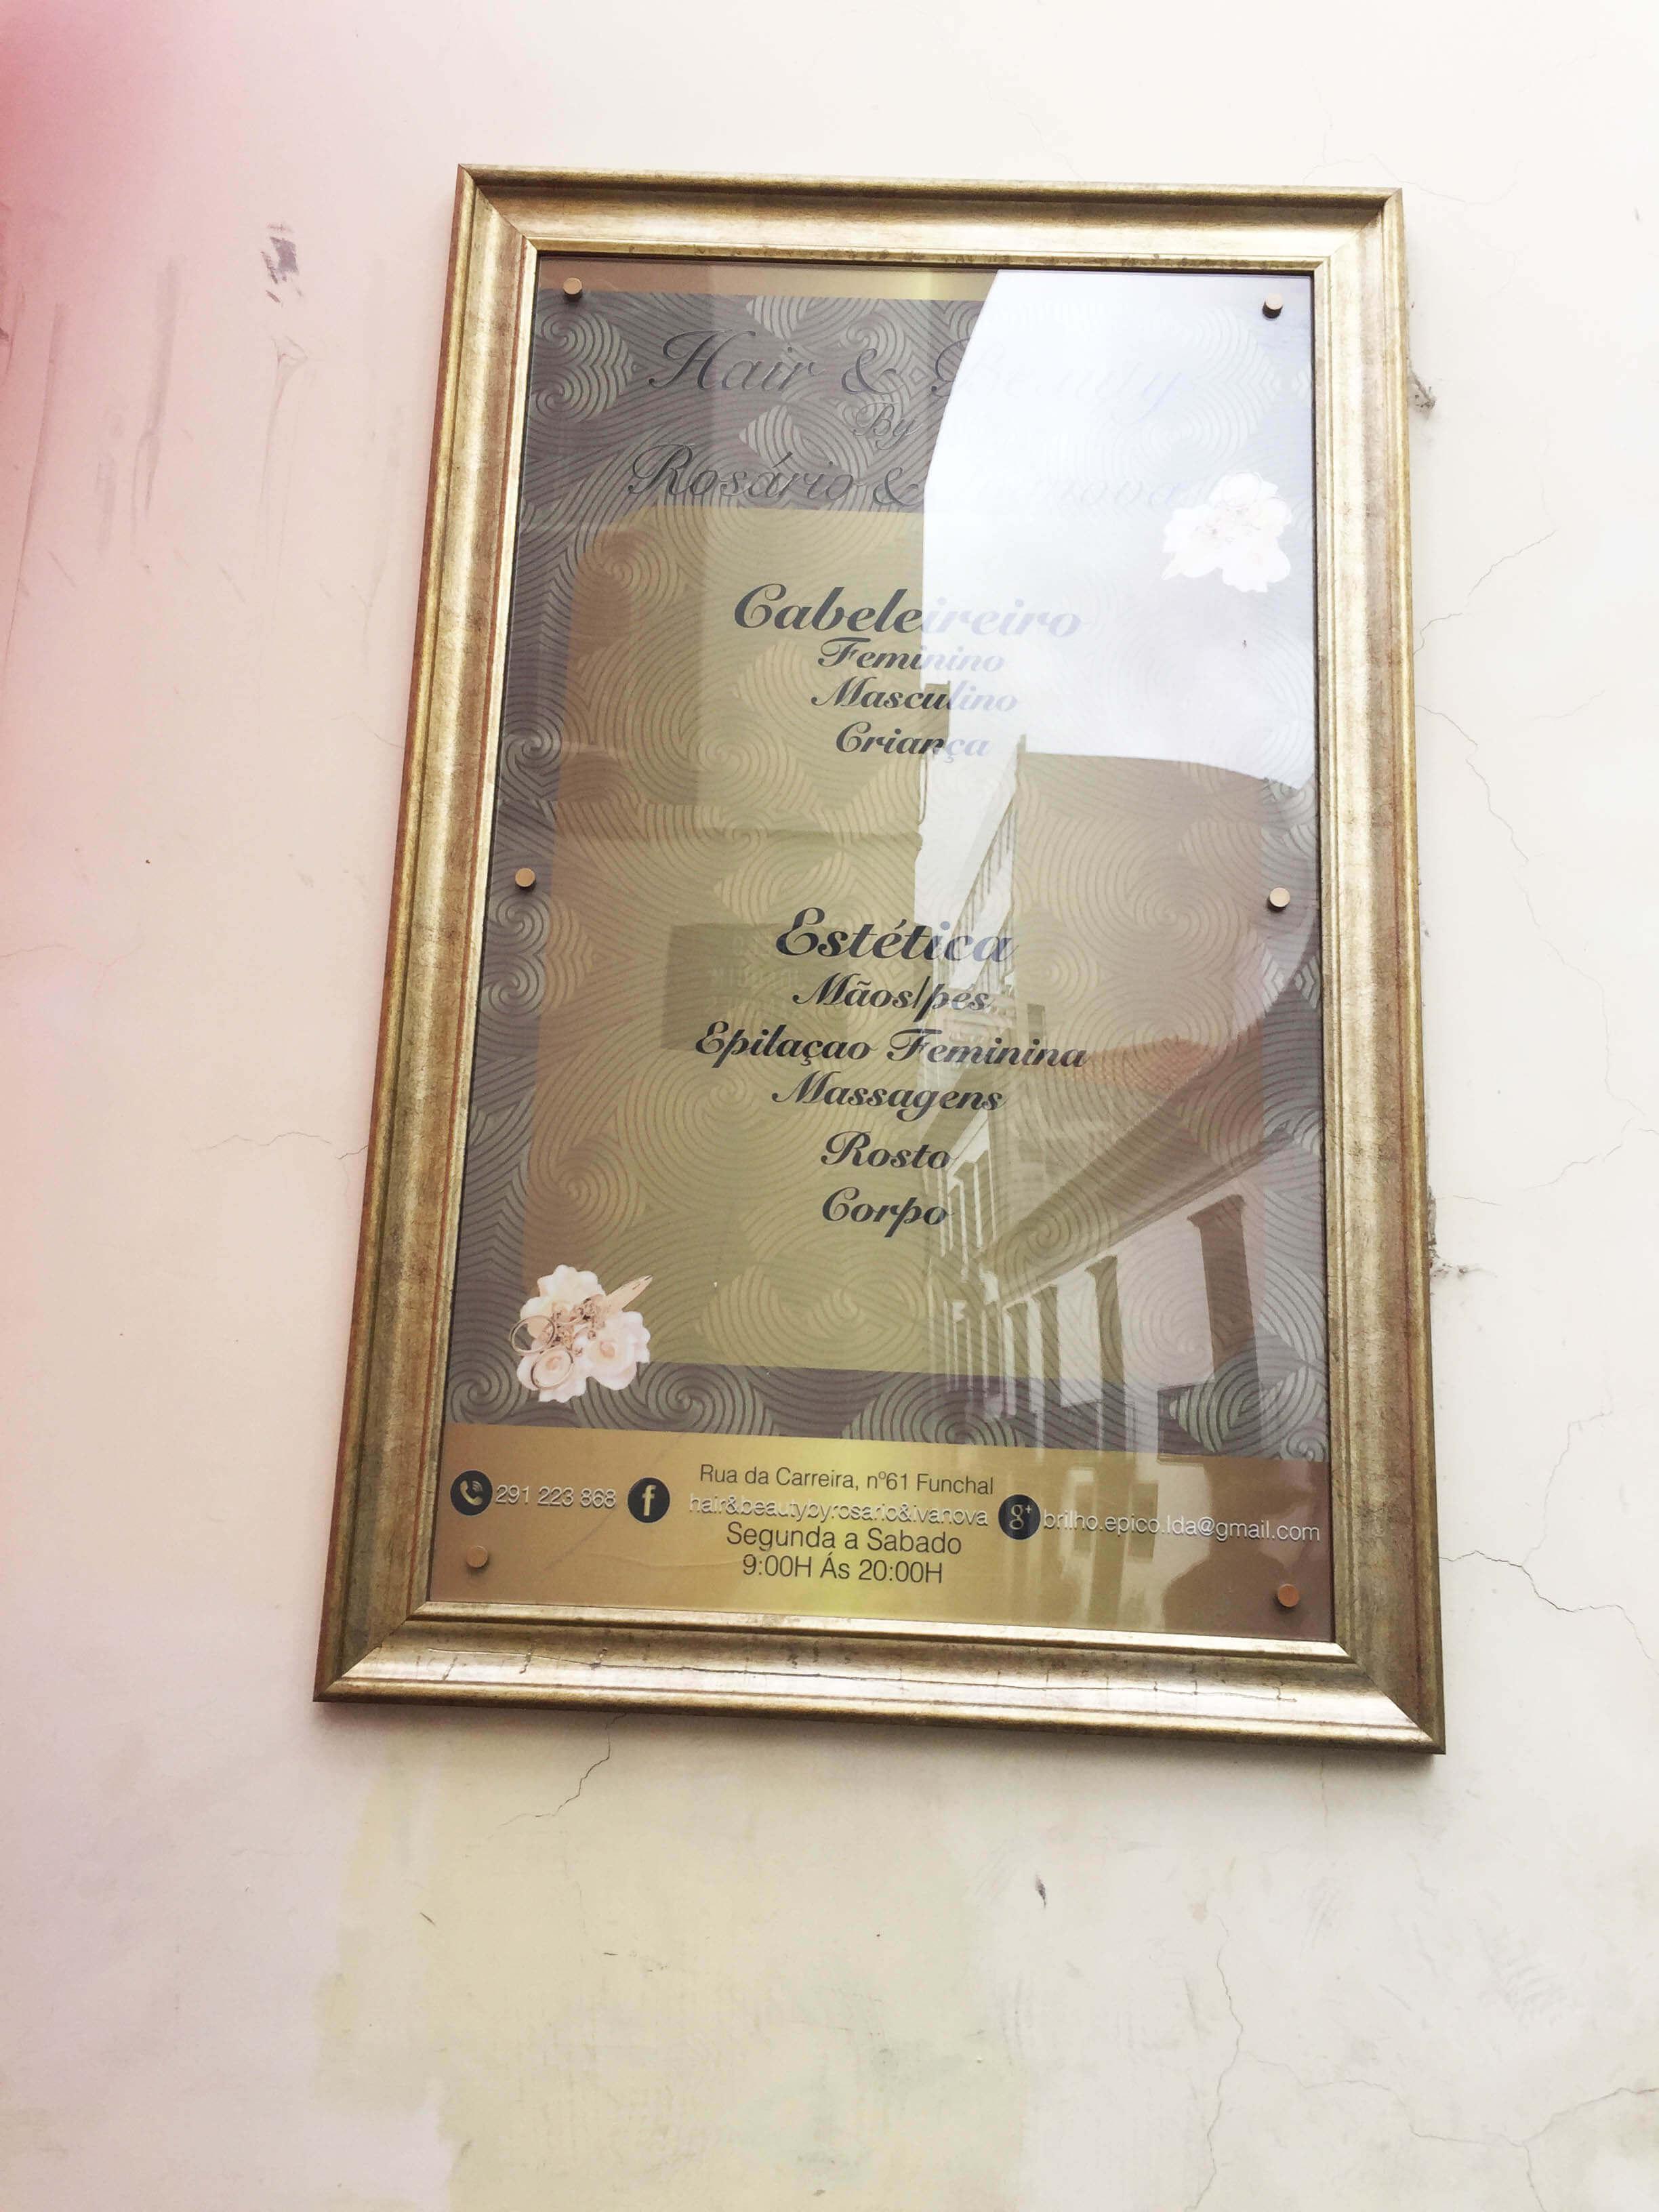 precario exterior em quadro dourado +aplicação de vinil impresso e laminado colado ao reverso em acrilico cristal